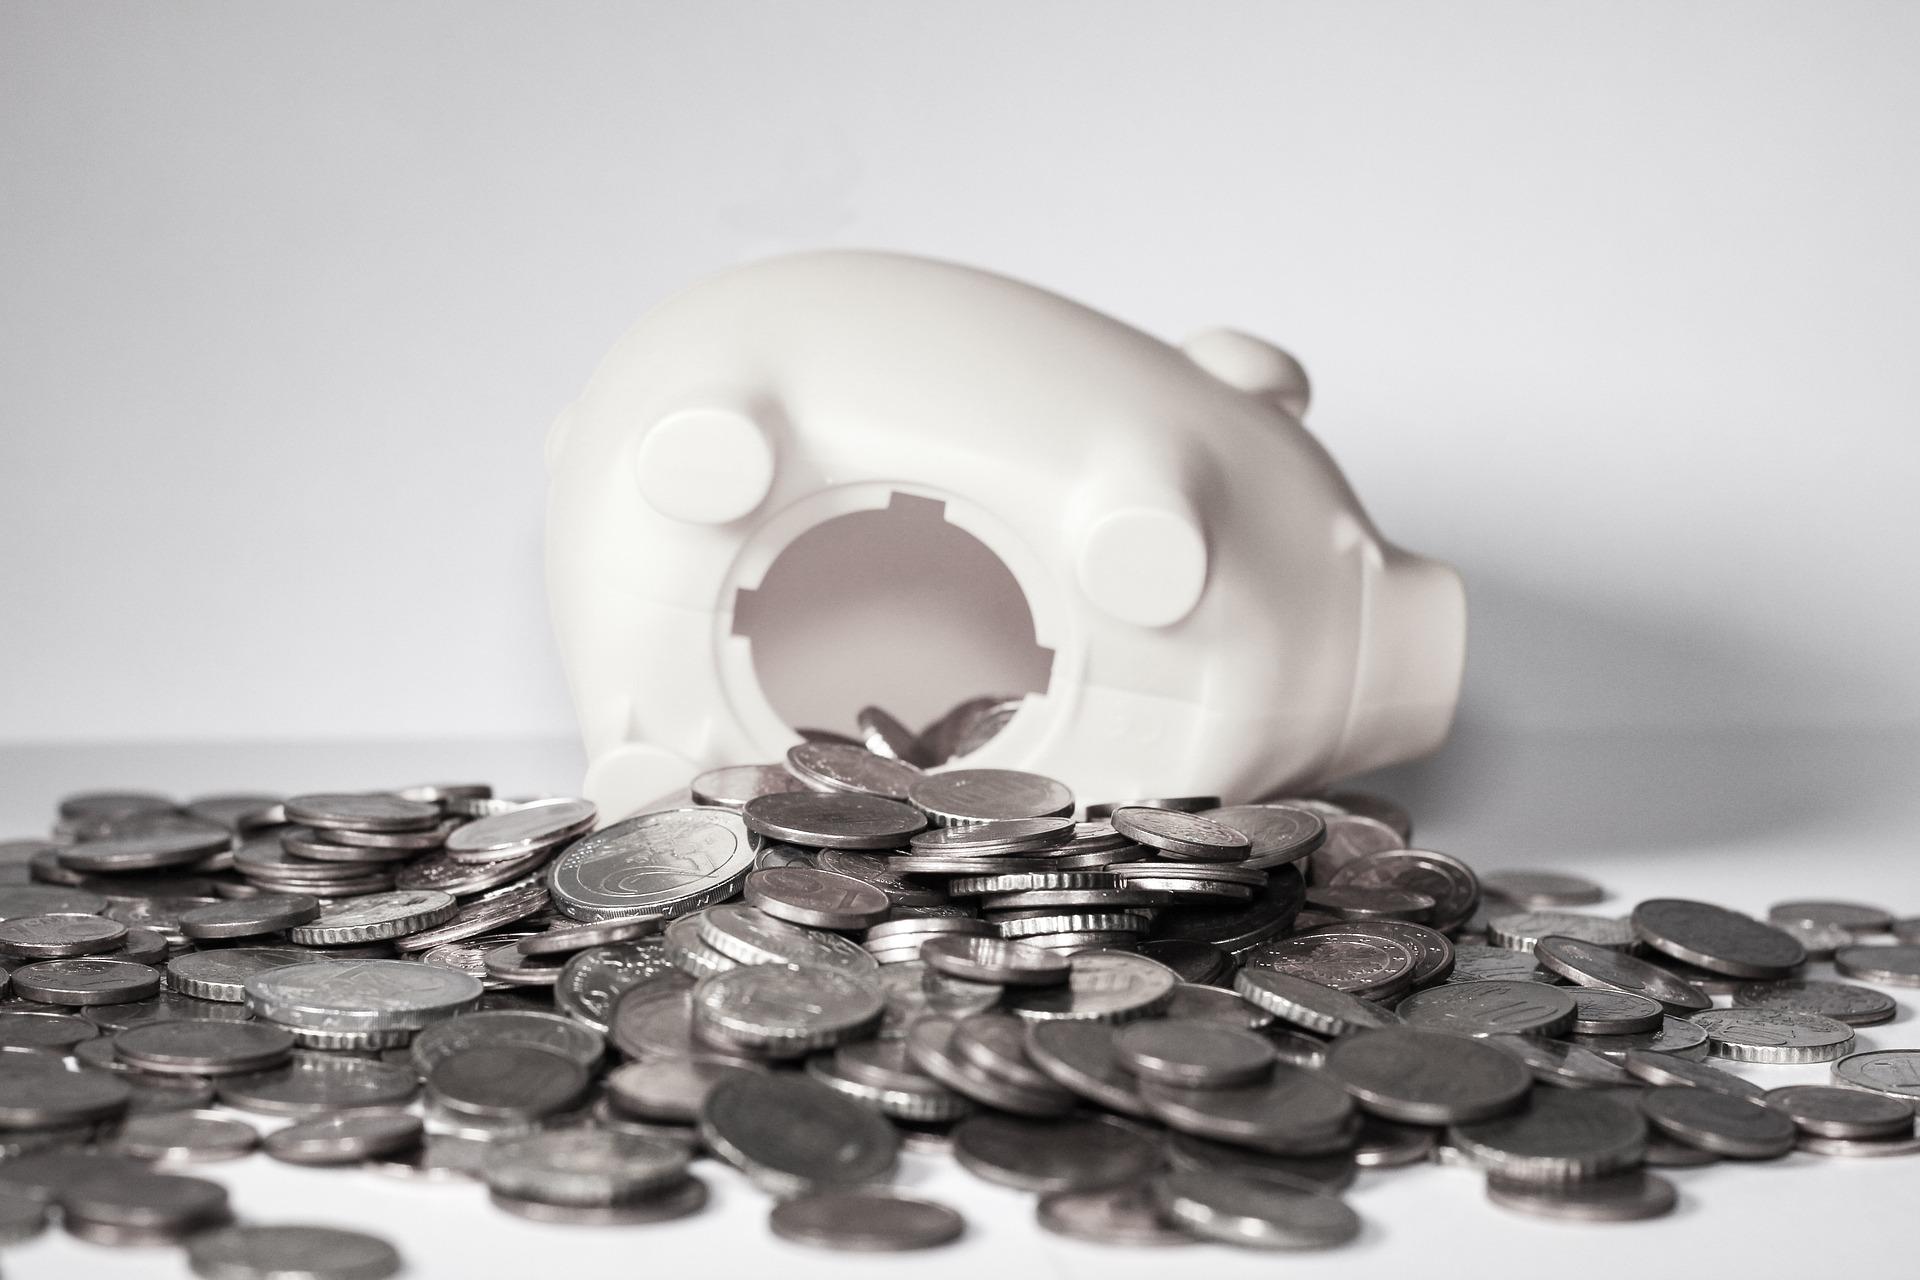 Anuluj Dług - okradają nas bo mają do tego prawo ?